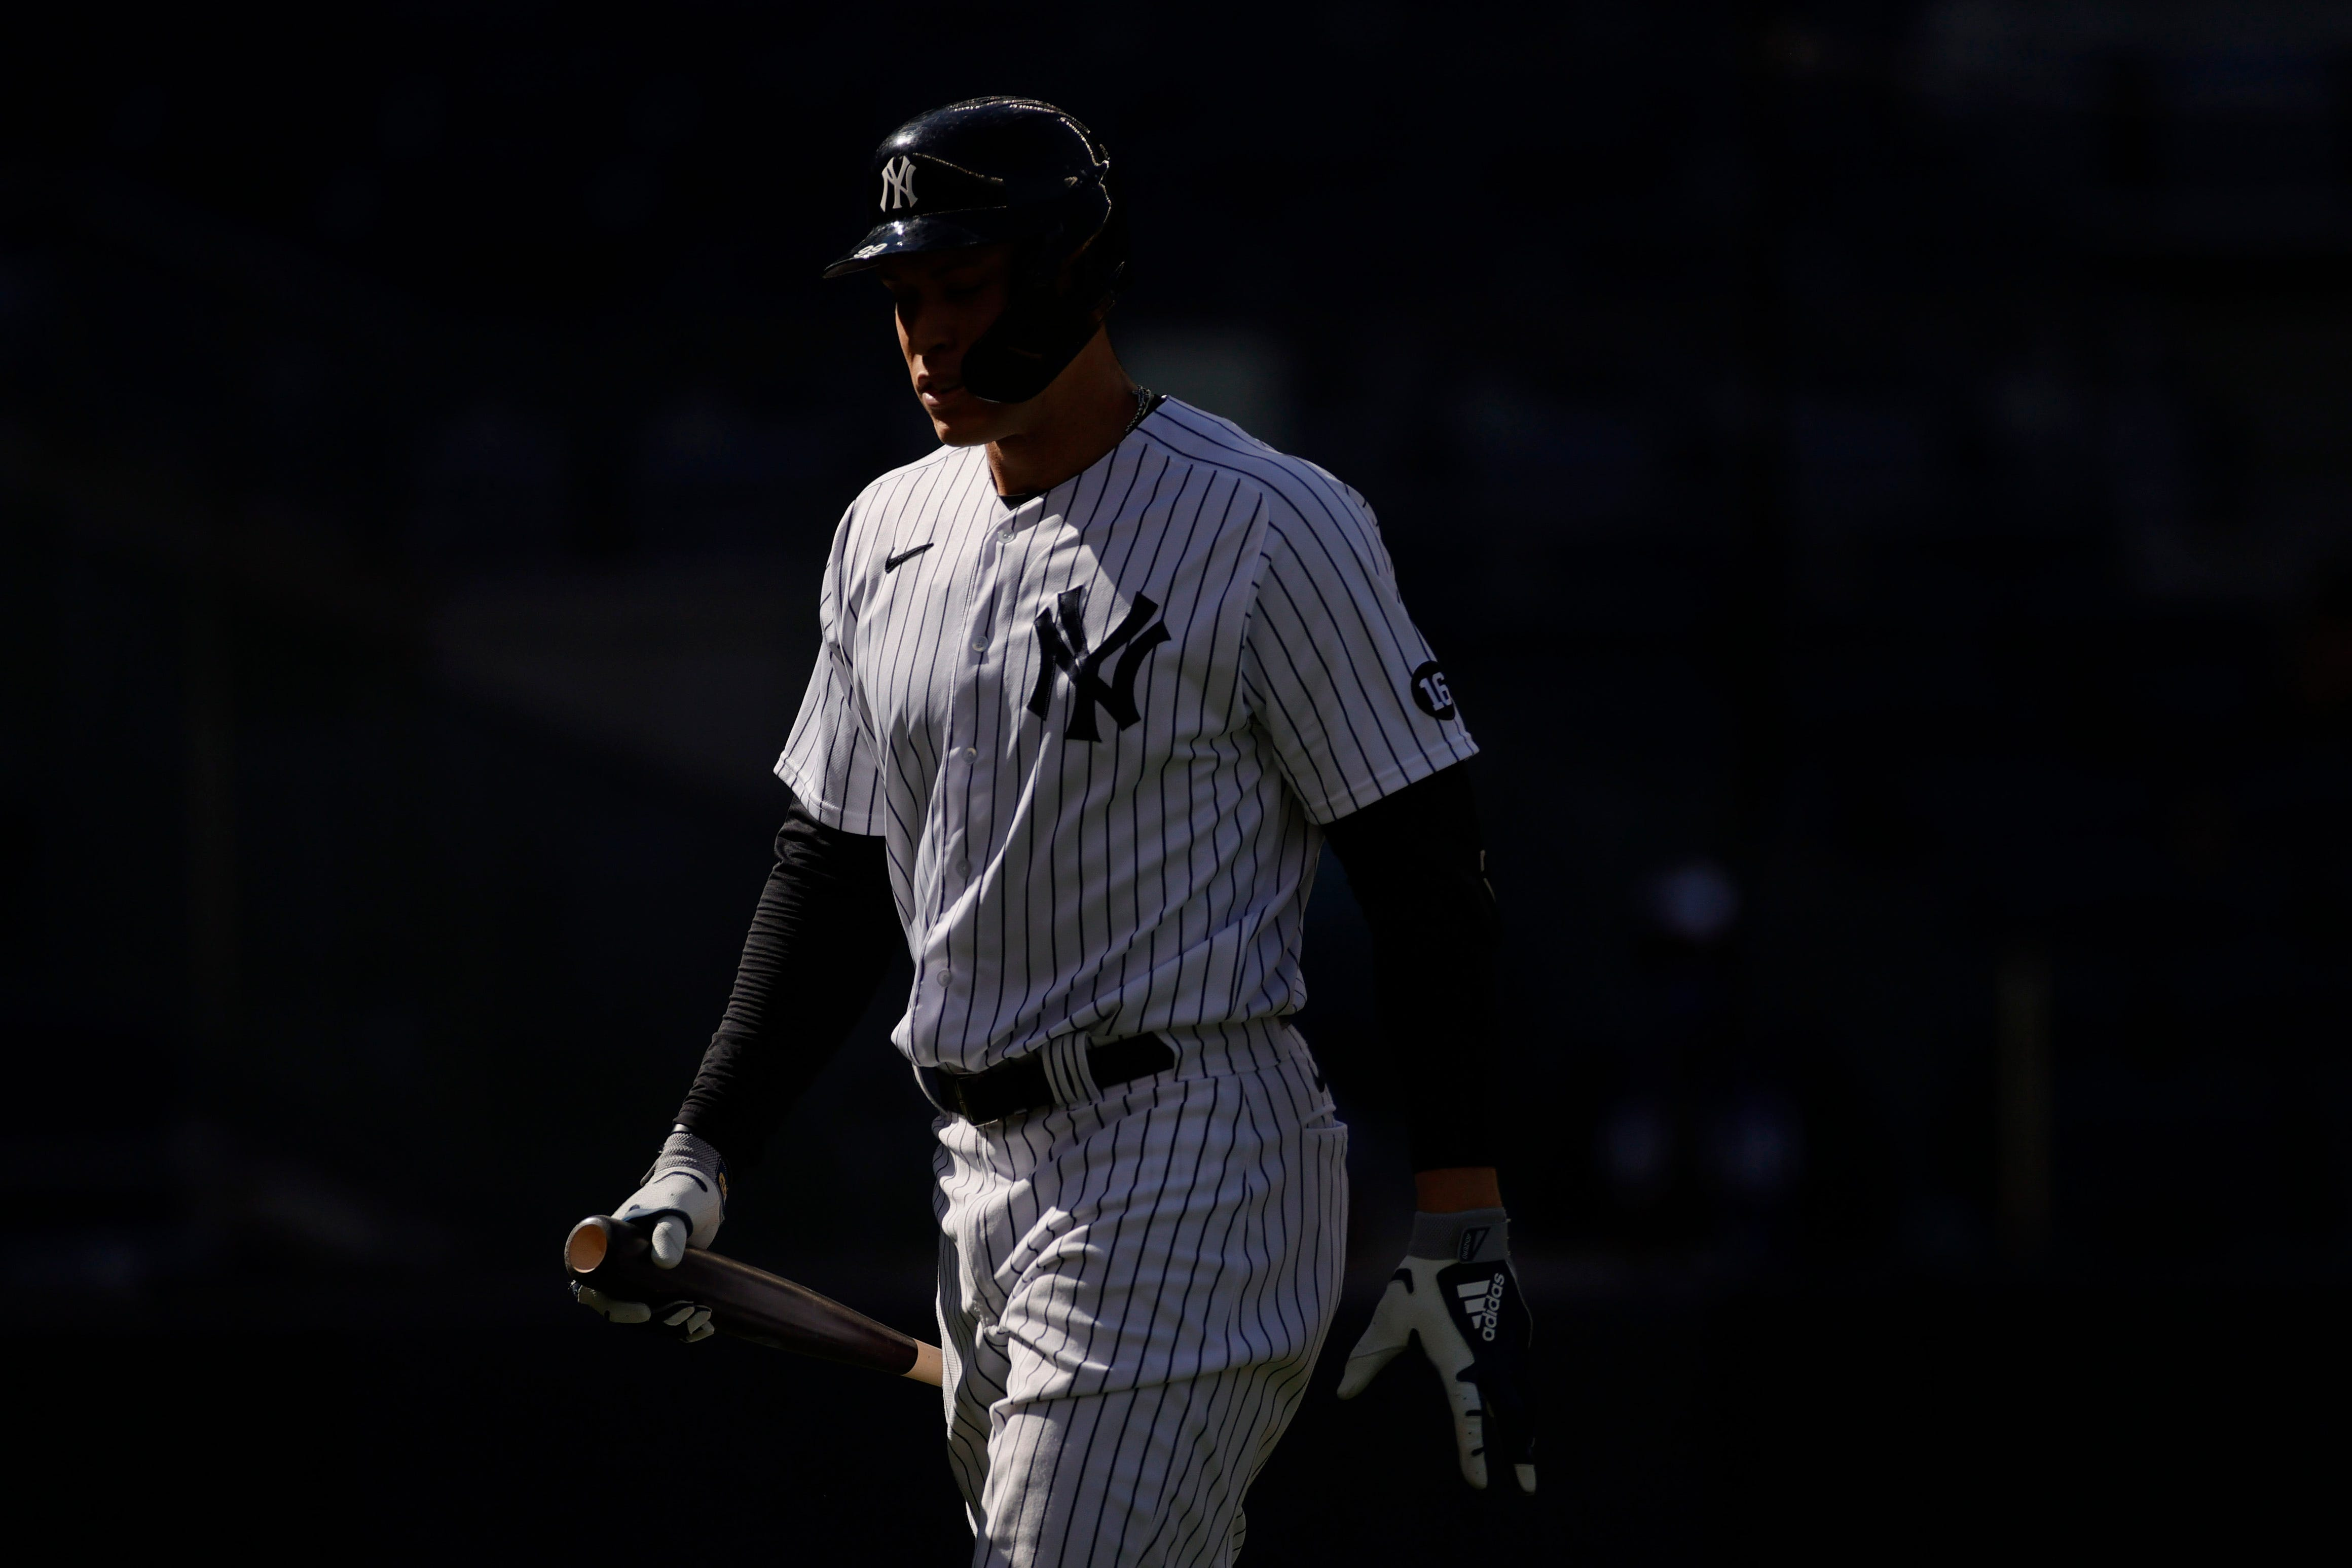 Time to panic? Yankees among MLB teams who should start sweating the 2021 season